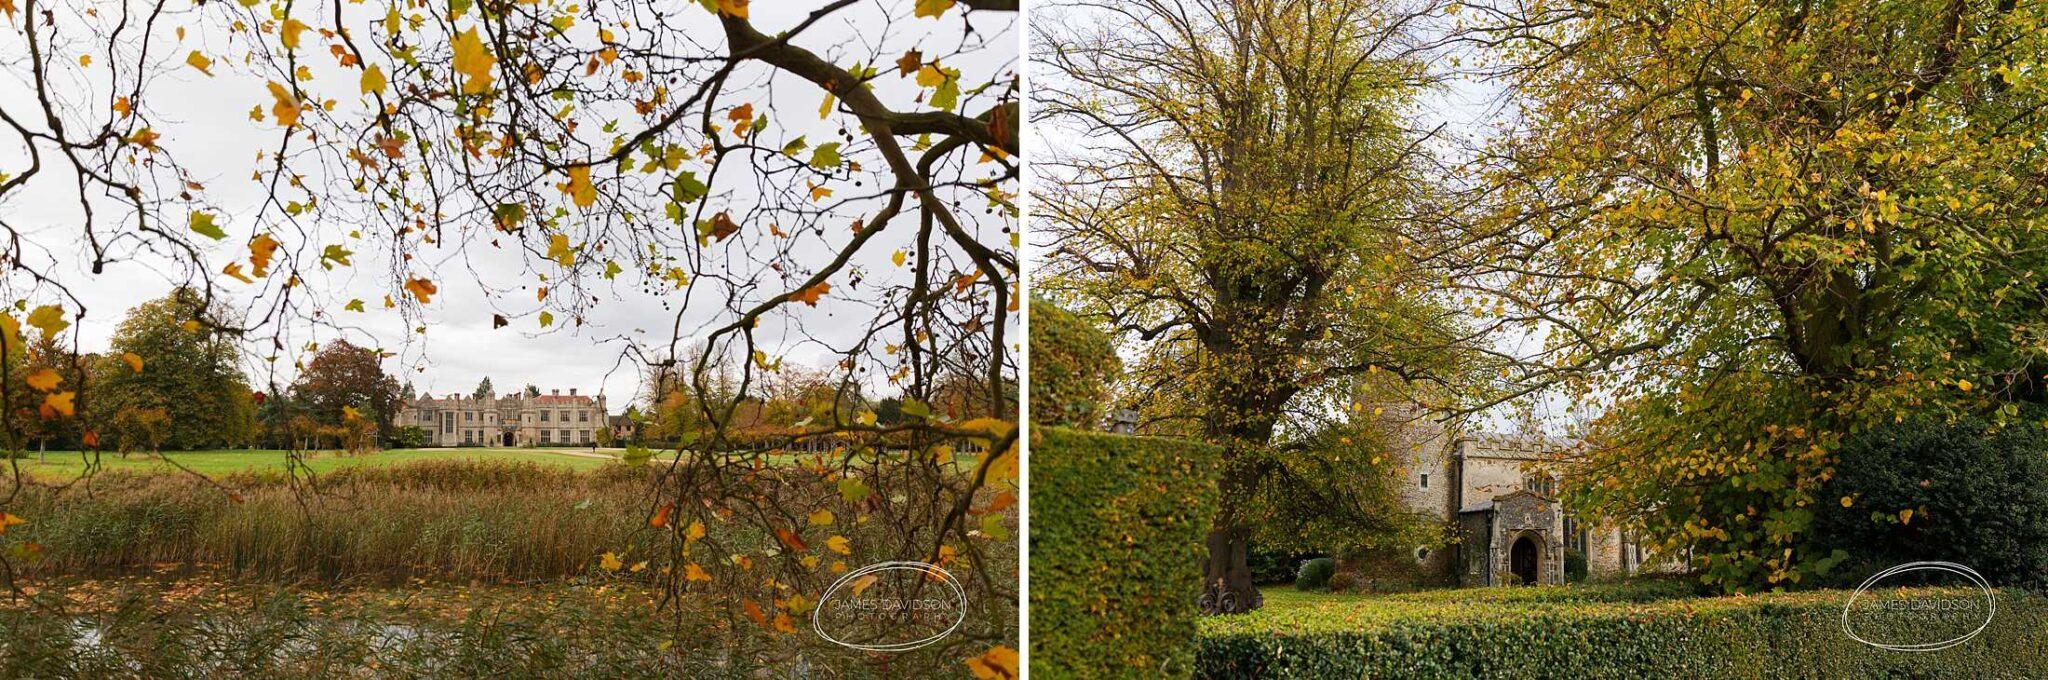 hengrave-autumn-wedding-009